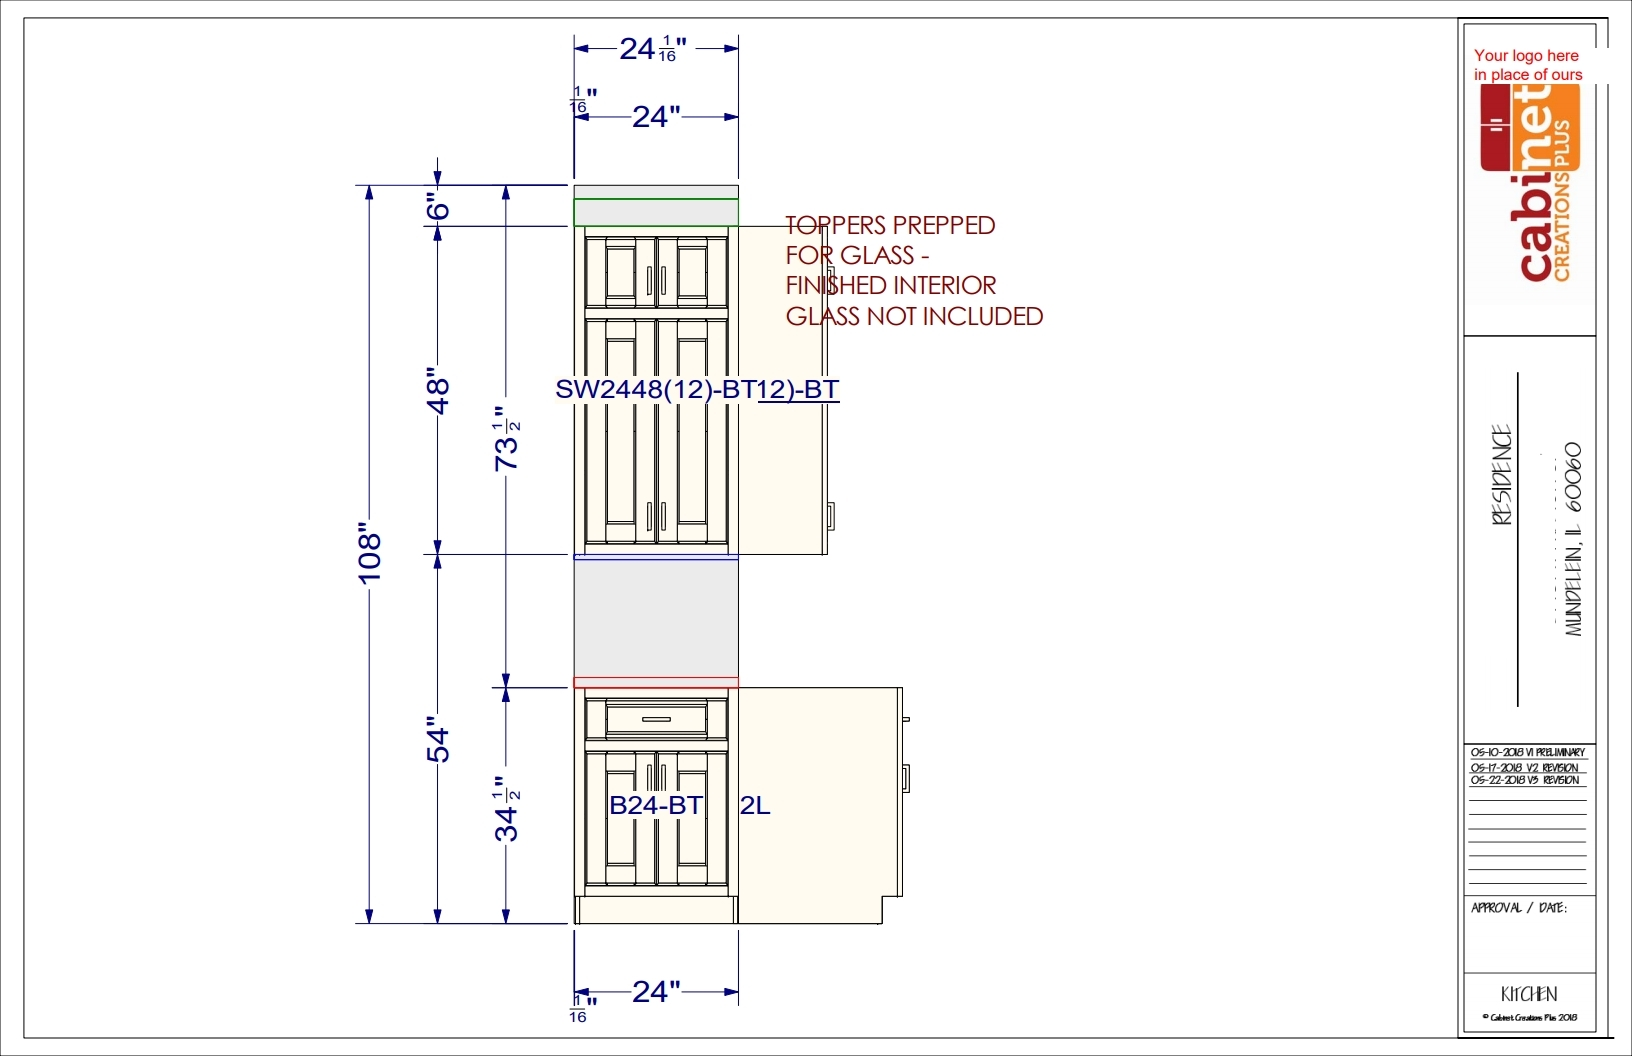 CABINET-CREATIONS-PLUS-SAMPLE-PLANS-Copy.pdf_page_11